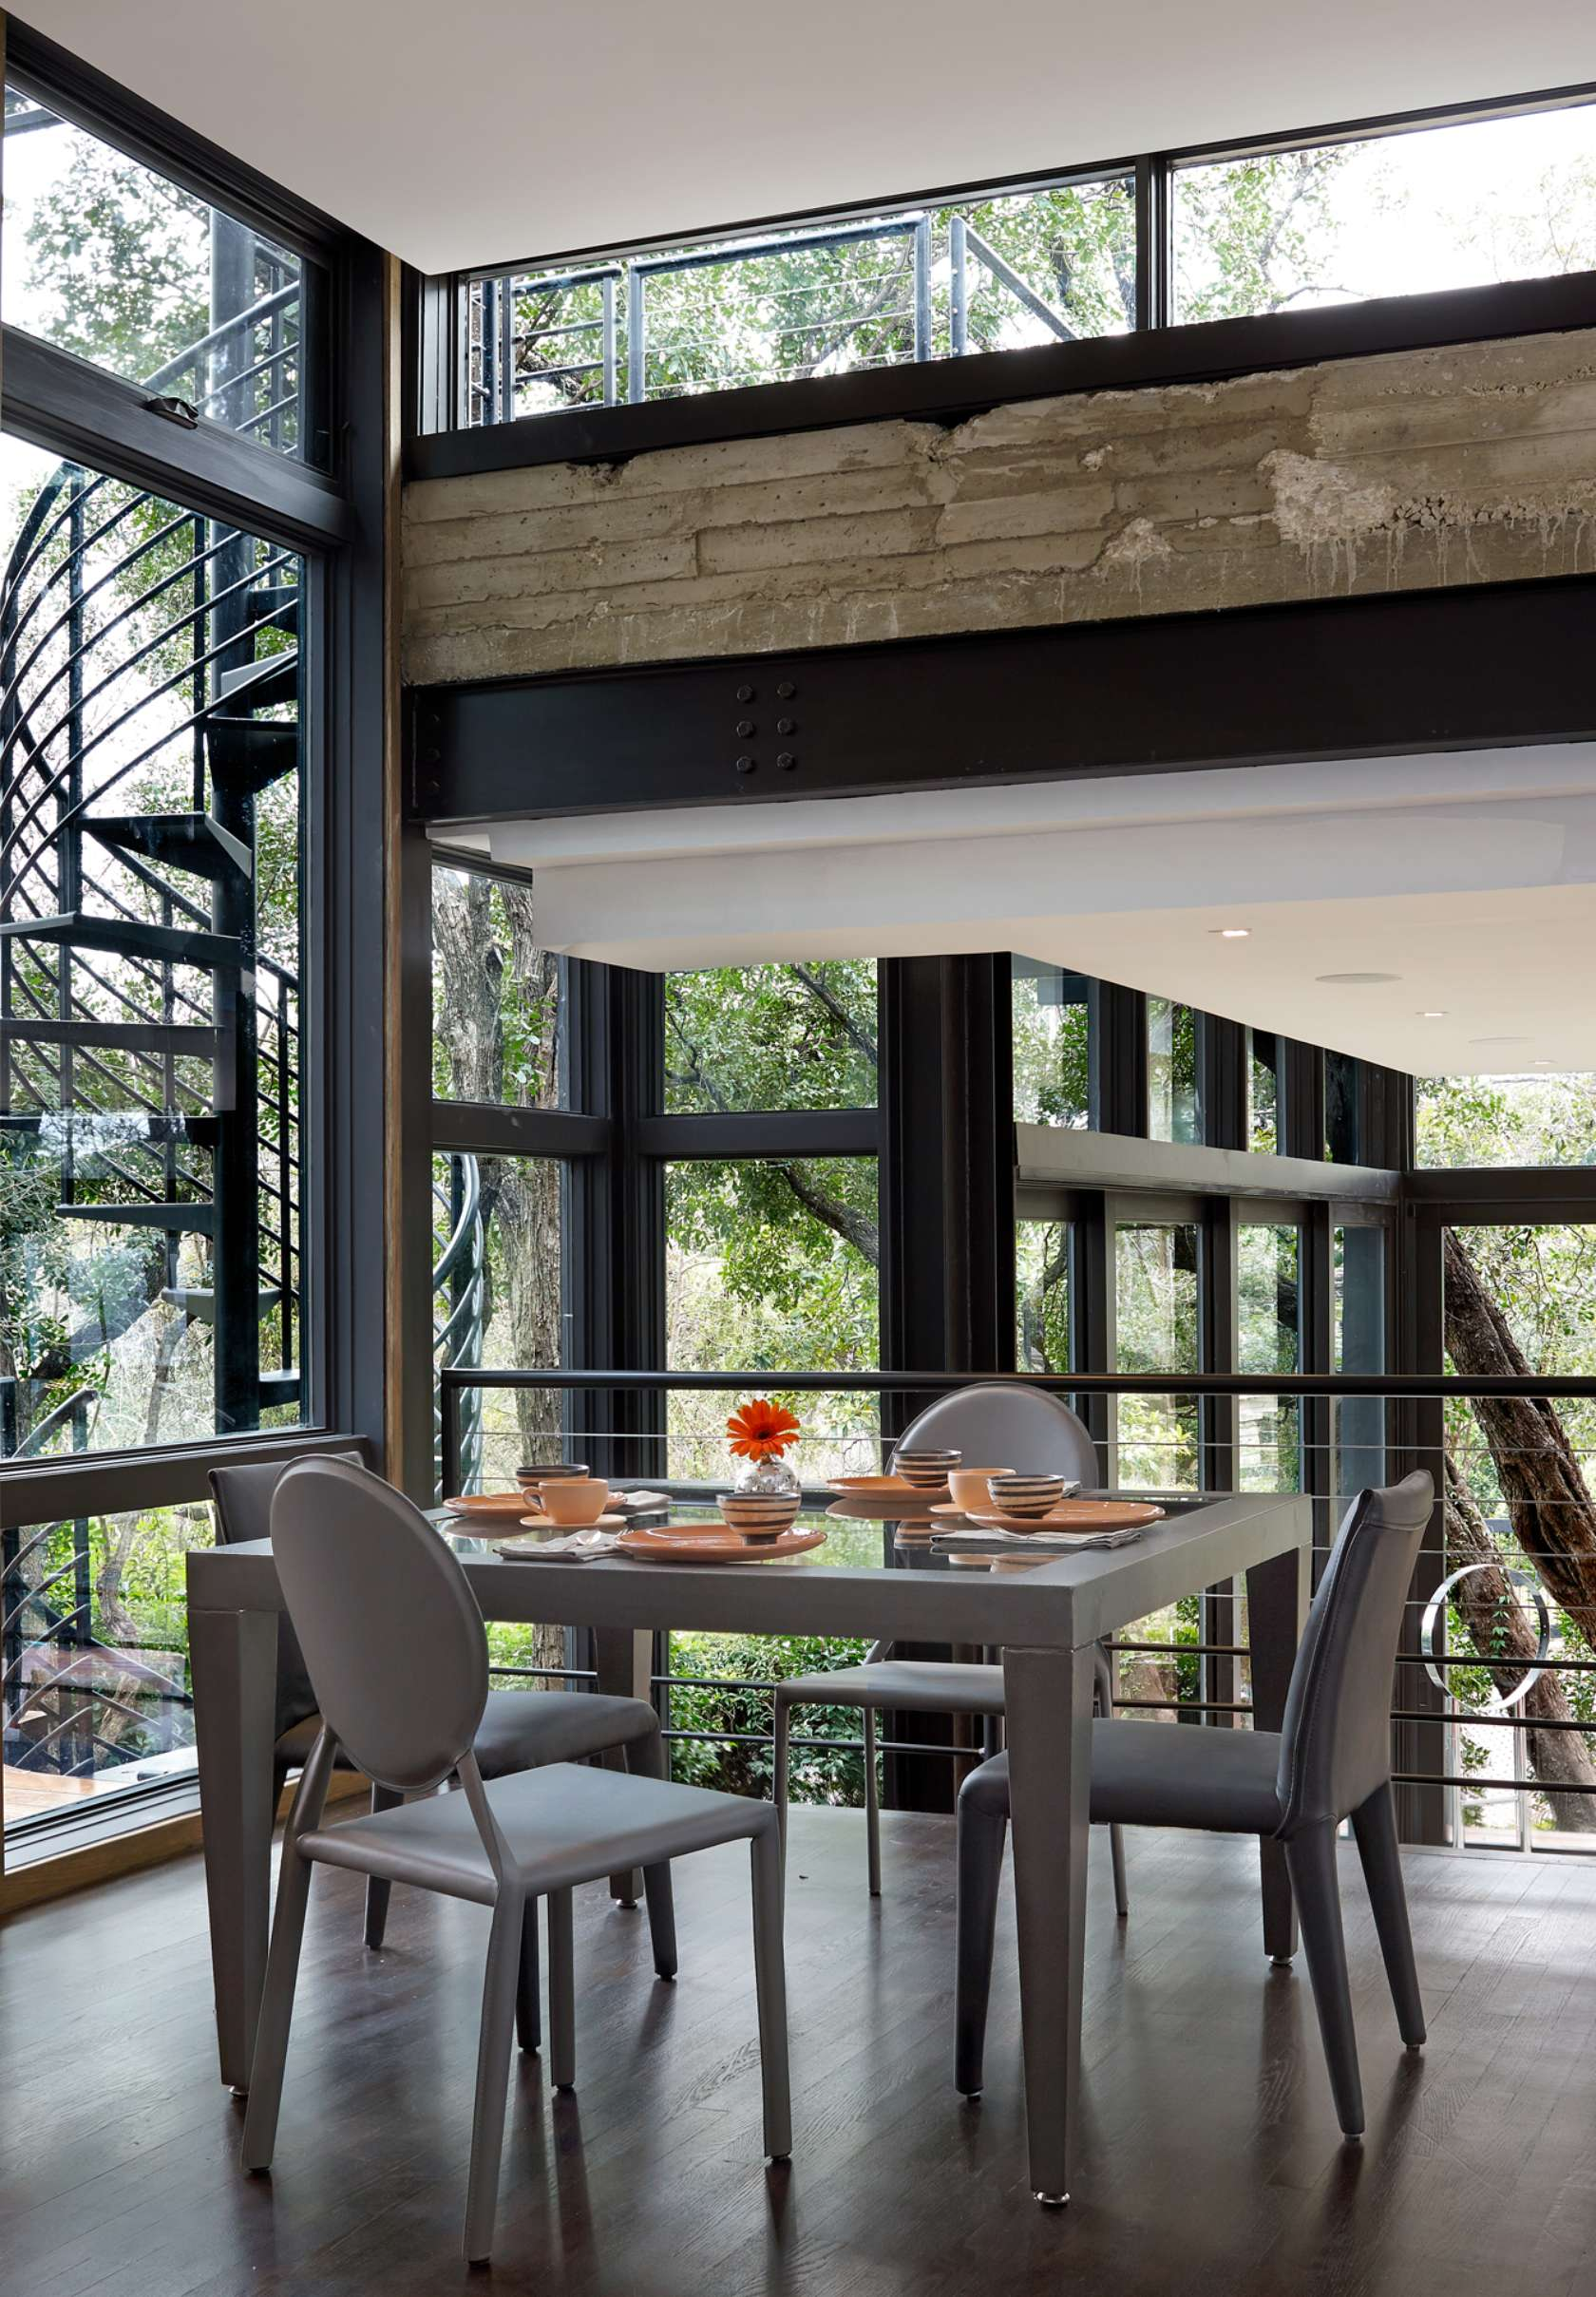 Luxurious living room interior design ideas